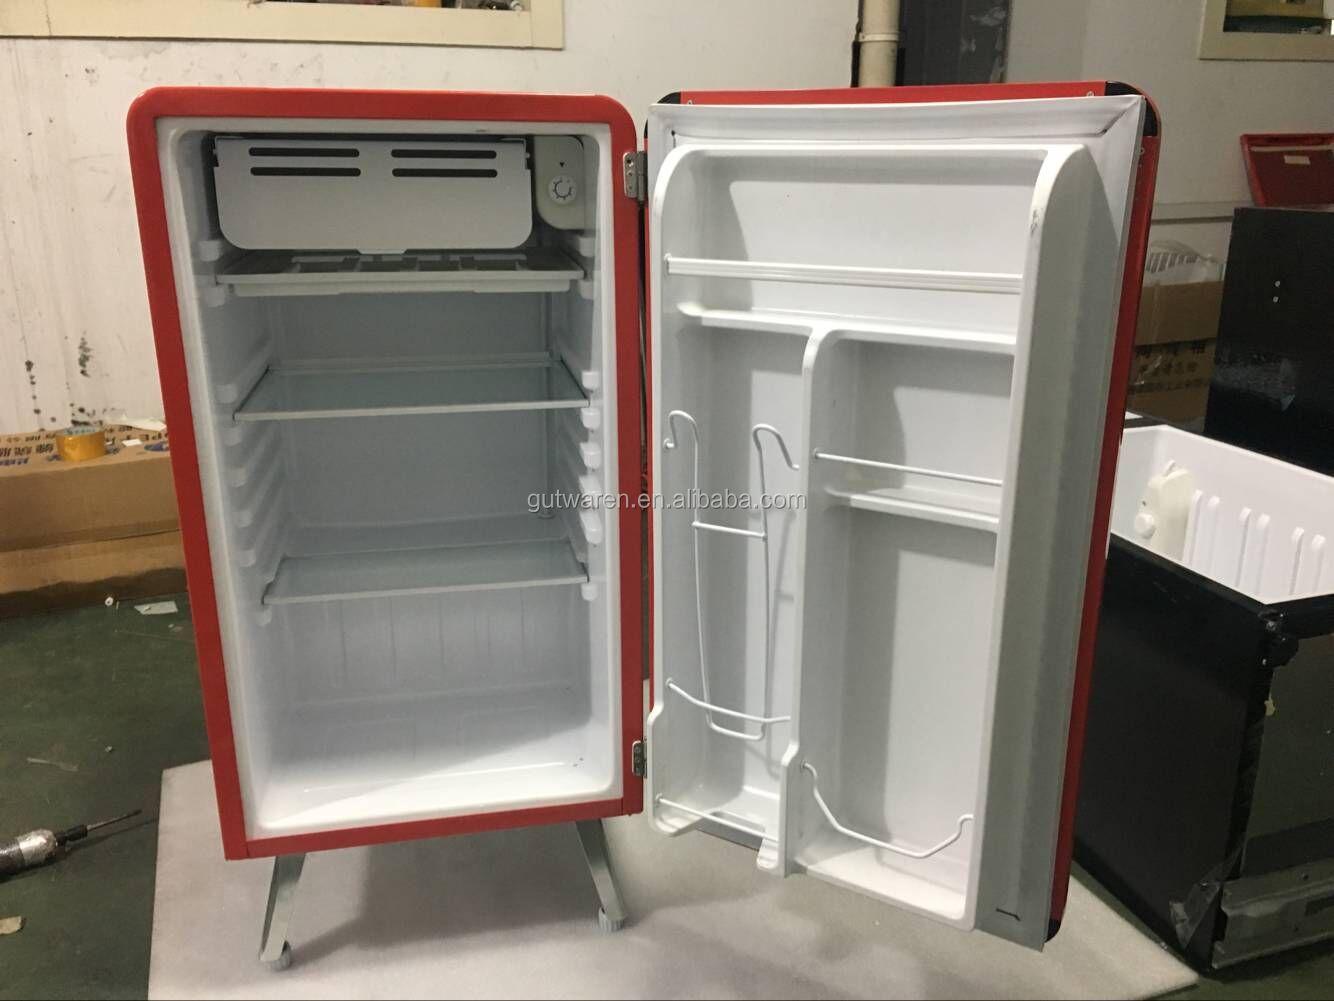 Smeg Kühlschrank Bewertung : Smeg fa p stand gefrierkombi creme beige kühlschrank messing